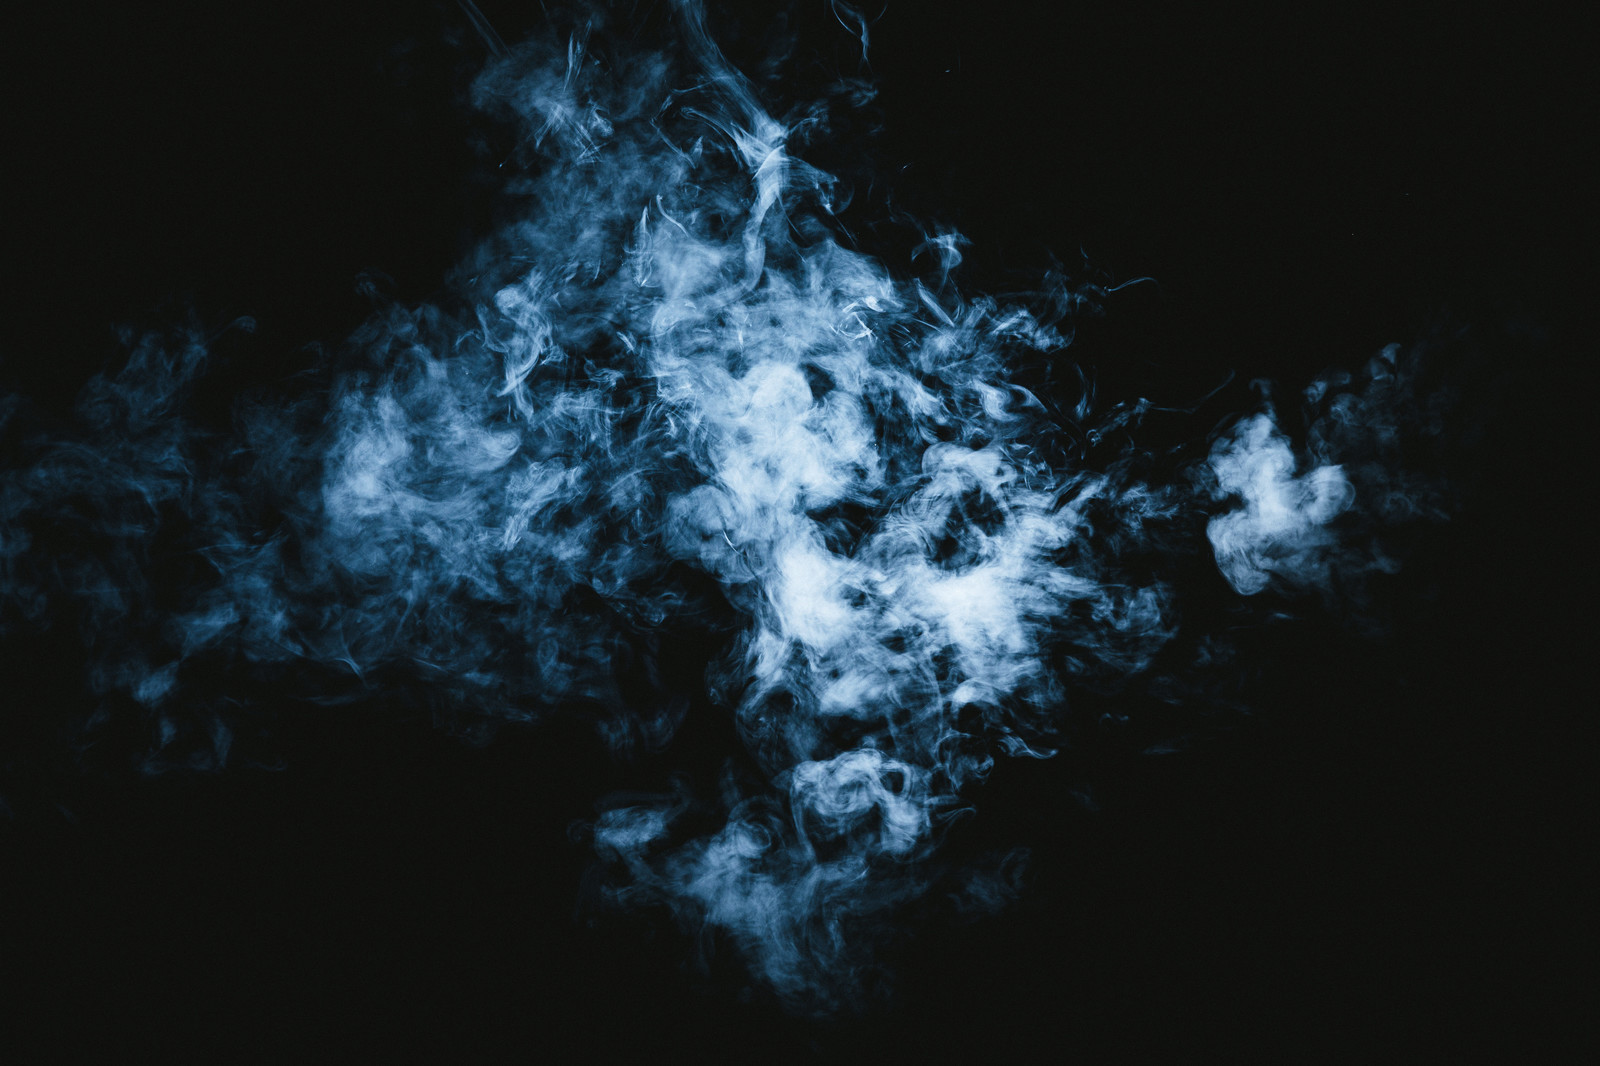 「化け猫に見える煙」の写真